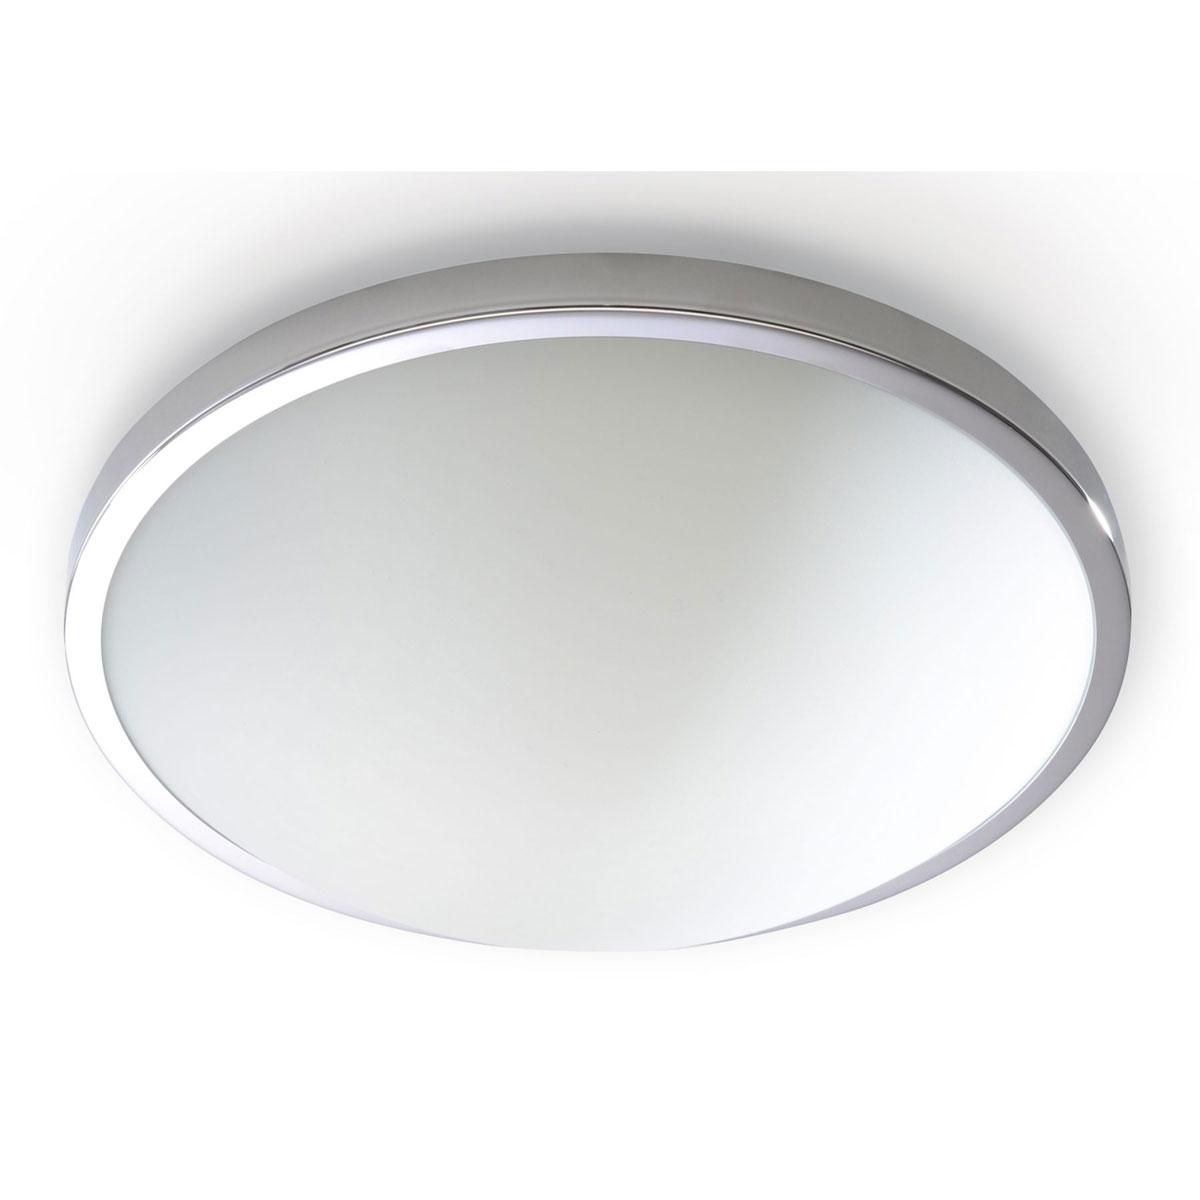 """Deckenleuchten - Deckenleuchte """"Solar"""", 31x31x9cm, silber 1  - Onlineshop Hellweg"""